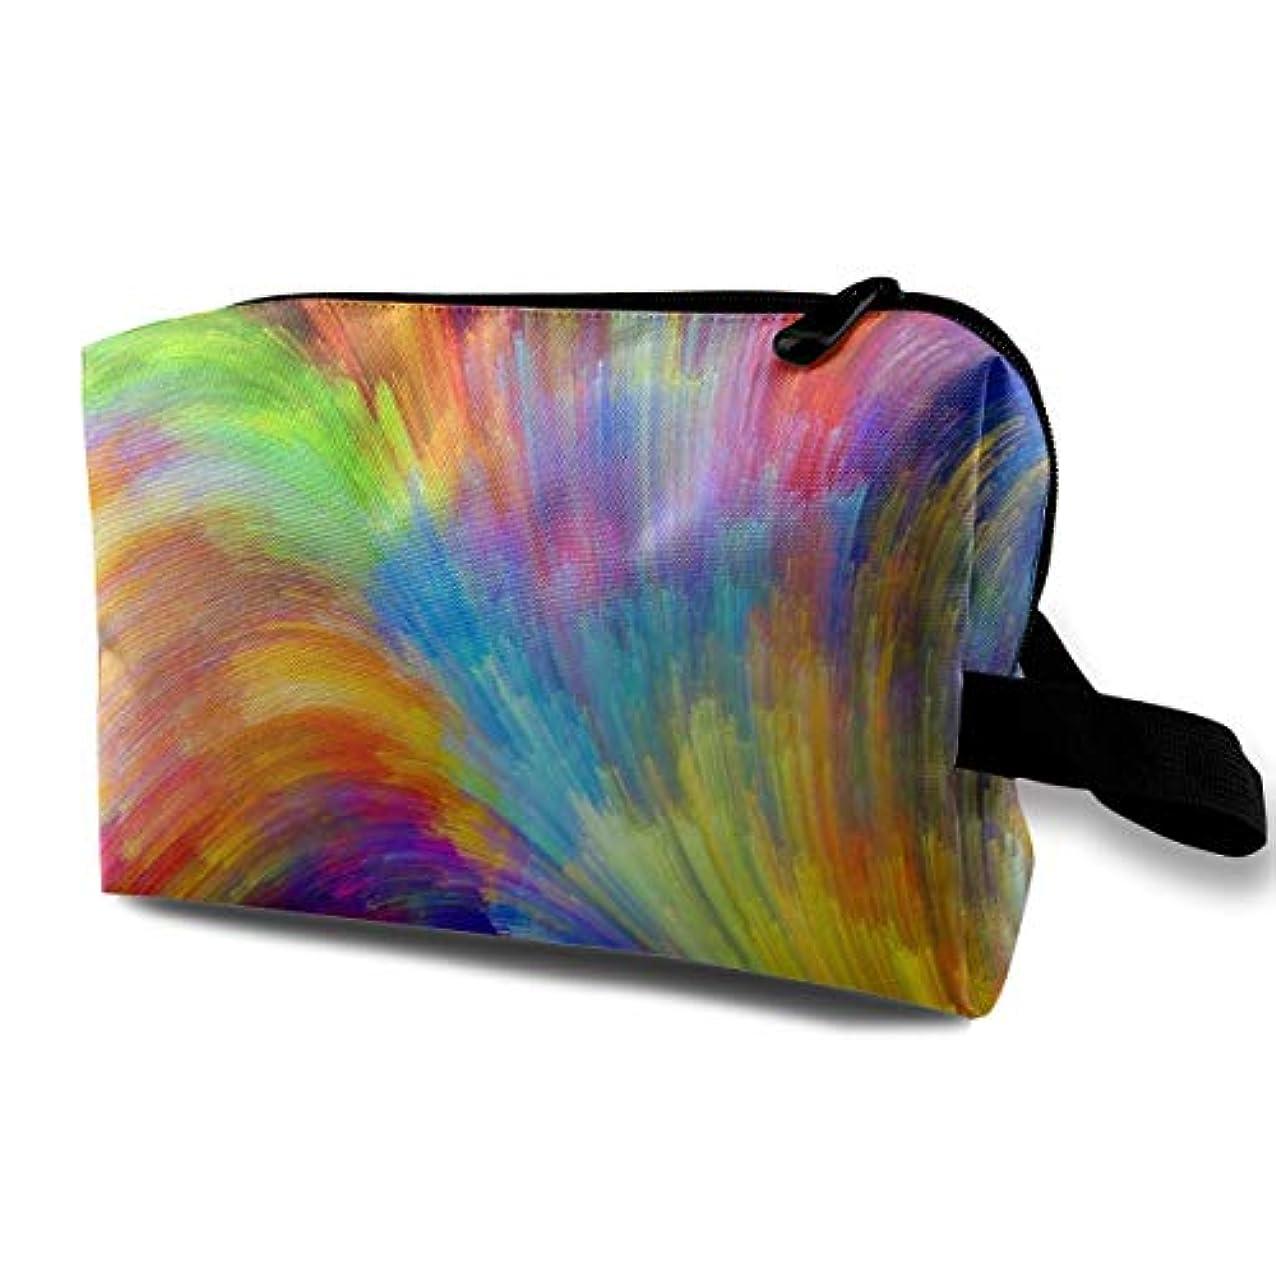 醸造所パール結婚したFractal Rainbow Ocean 収納ポーチ 化粧ポーチ 大容量 軽量 耐久性 ハンドル付持ち運び便利。入れ 自宅?出張?旅行?アウトドア撮影などに対応。メンズ レディース トラベルグッズ